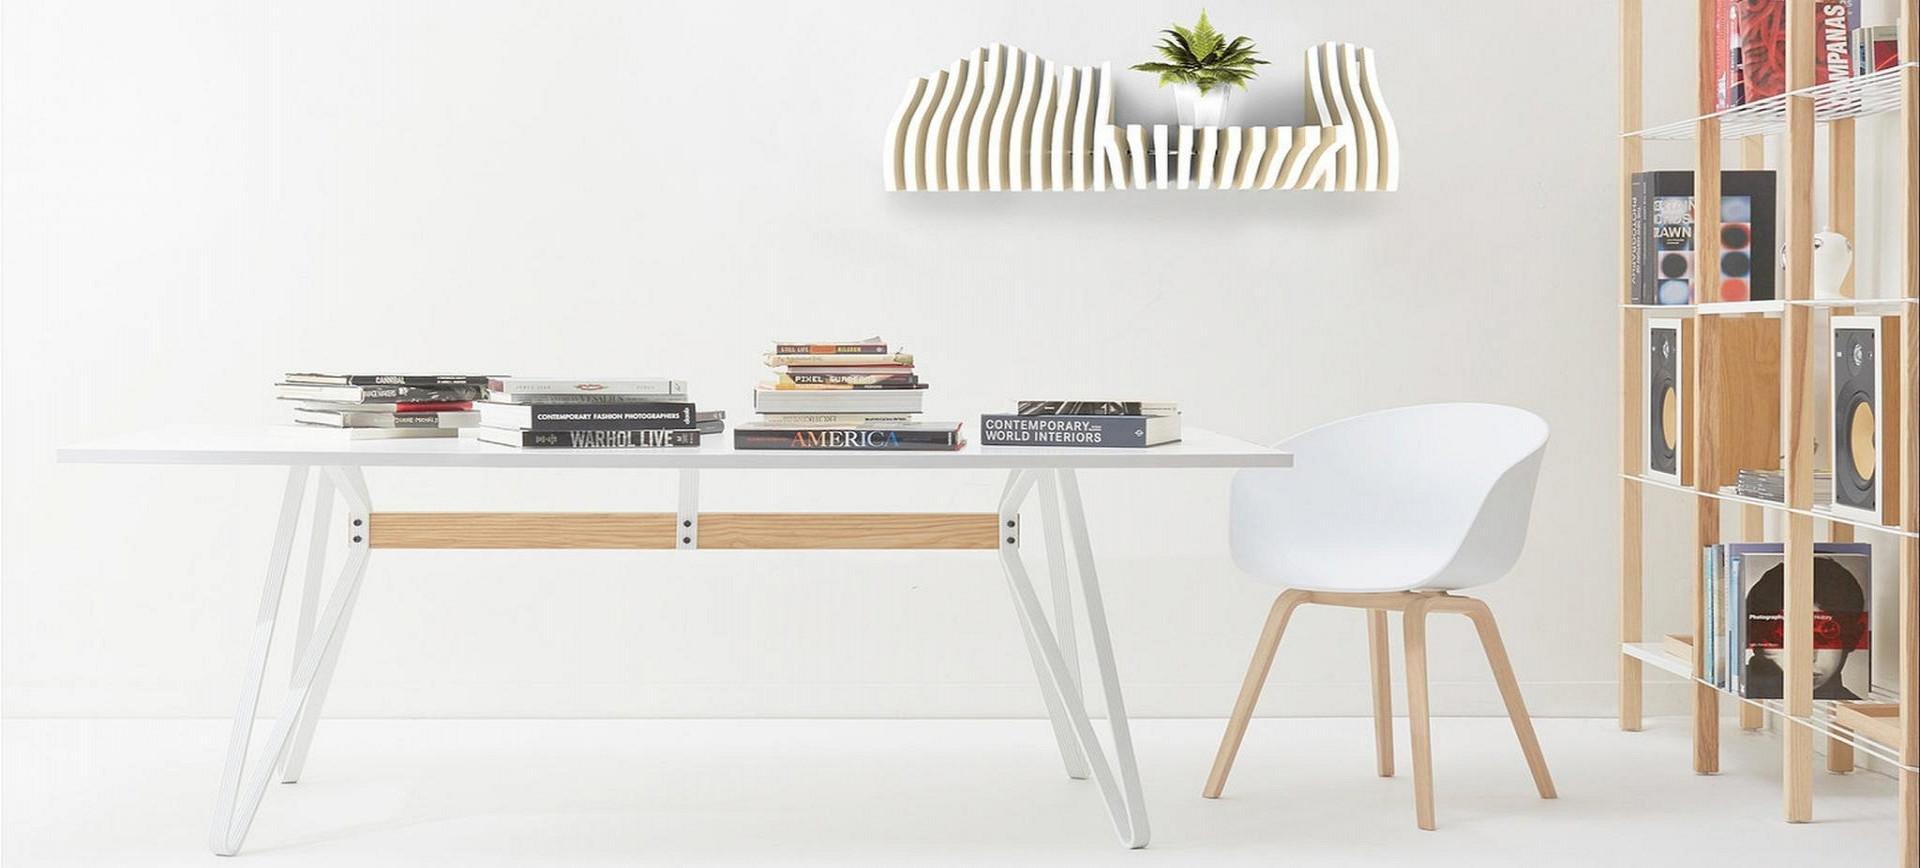 Ebony muebles inicio mayorista y fabricante de muebles for Mayorista de muebles